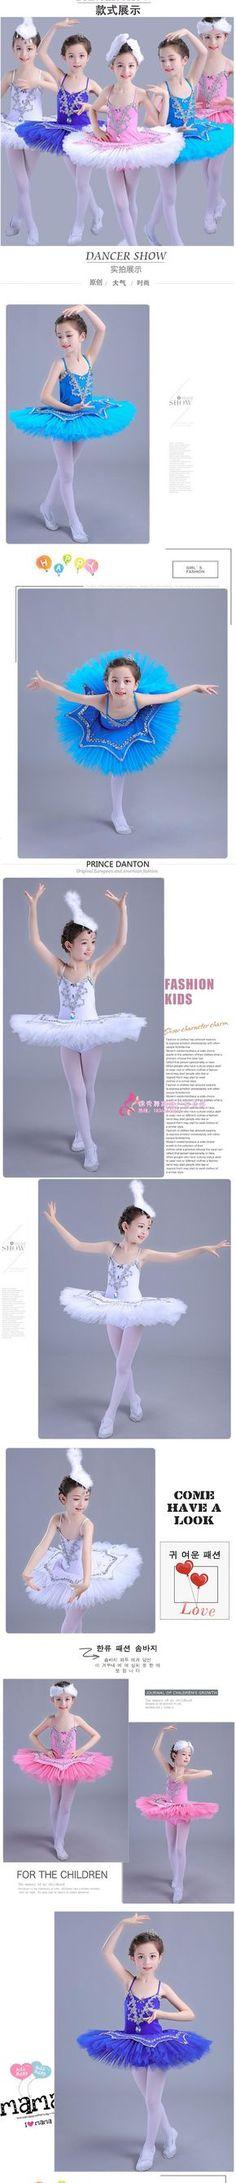 2017 Nuevos Niños de la Llegada Vestido Tutú de Ballet Del Lago Swan Multicolor Trajes de Ballet Niños Vestido de Niña de Ballet para Niños en Ballet de Novedad y de Uso Especial en AliExpress.com | Alibaba Group